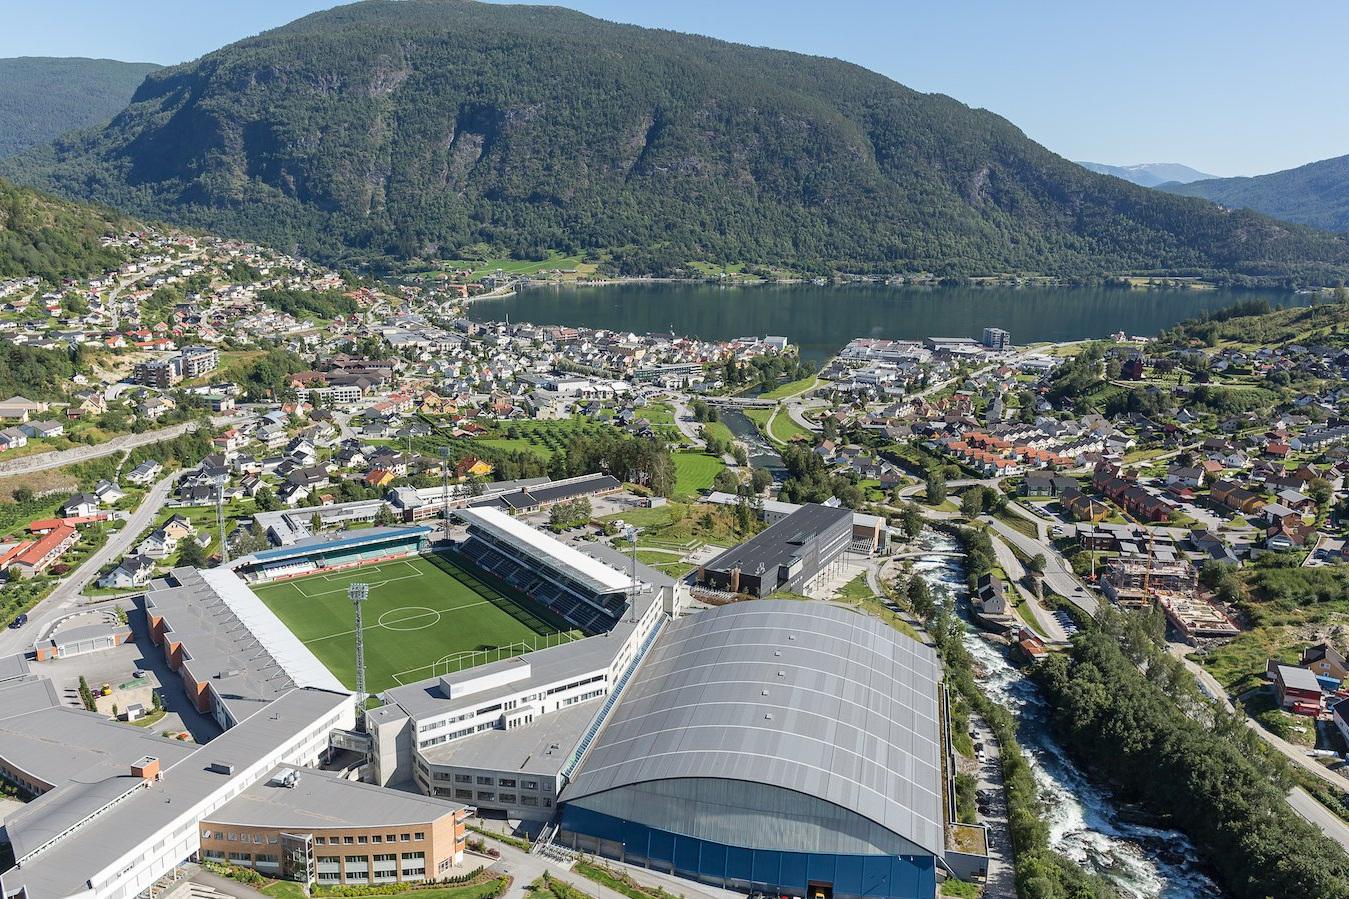 Ekspert på Squarespace - Vi held til på Fosshaugane Campus i Sogndal. Vår kundemasse er spreidd over heile landet, frå Svolvær i nord til Lillesand i sør. Vi utviklar nettsider basert på verktøyet Squarespace, og er det mest erfarne byrået i Skandinavia på dette brukarvennlege verktøyet. Sjekk våre kundar.